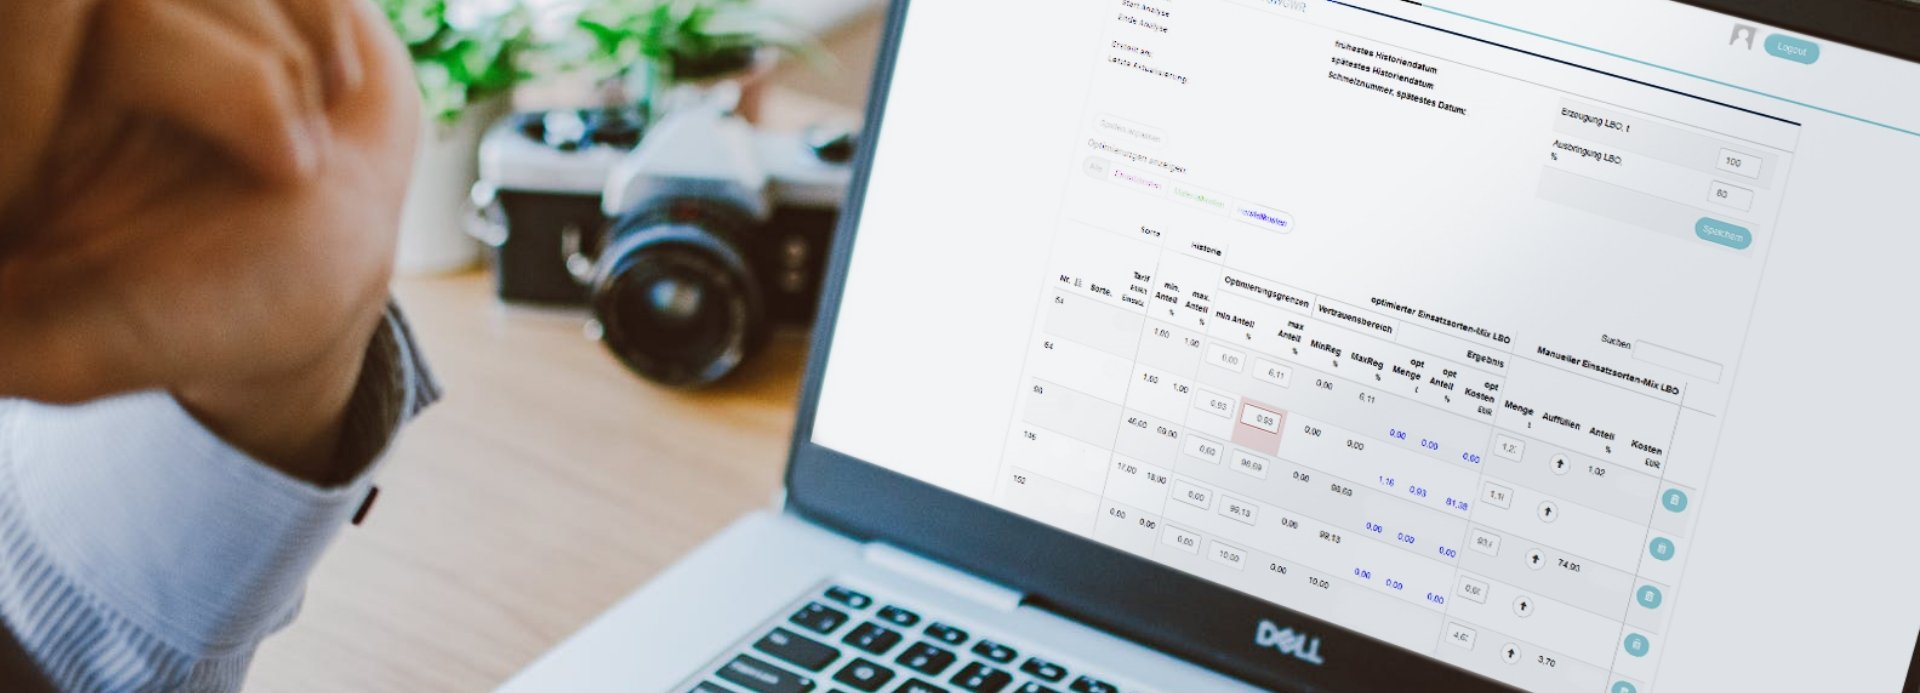 Foto am Laptop für Software Entwicklung